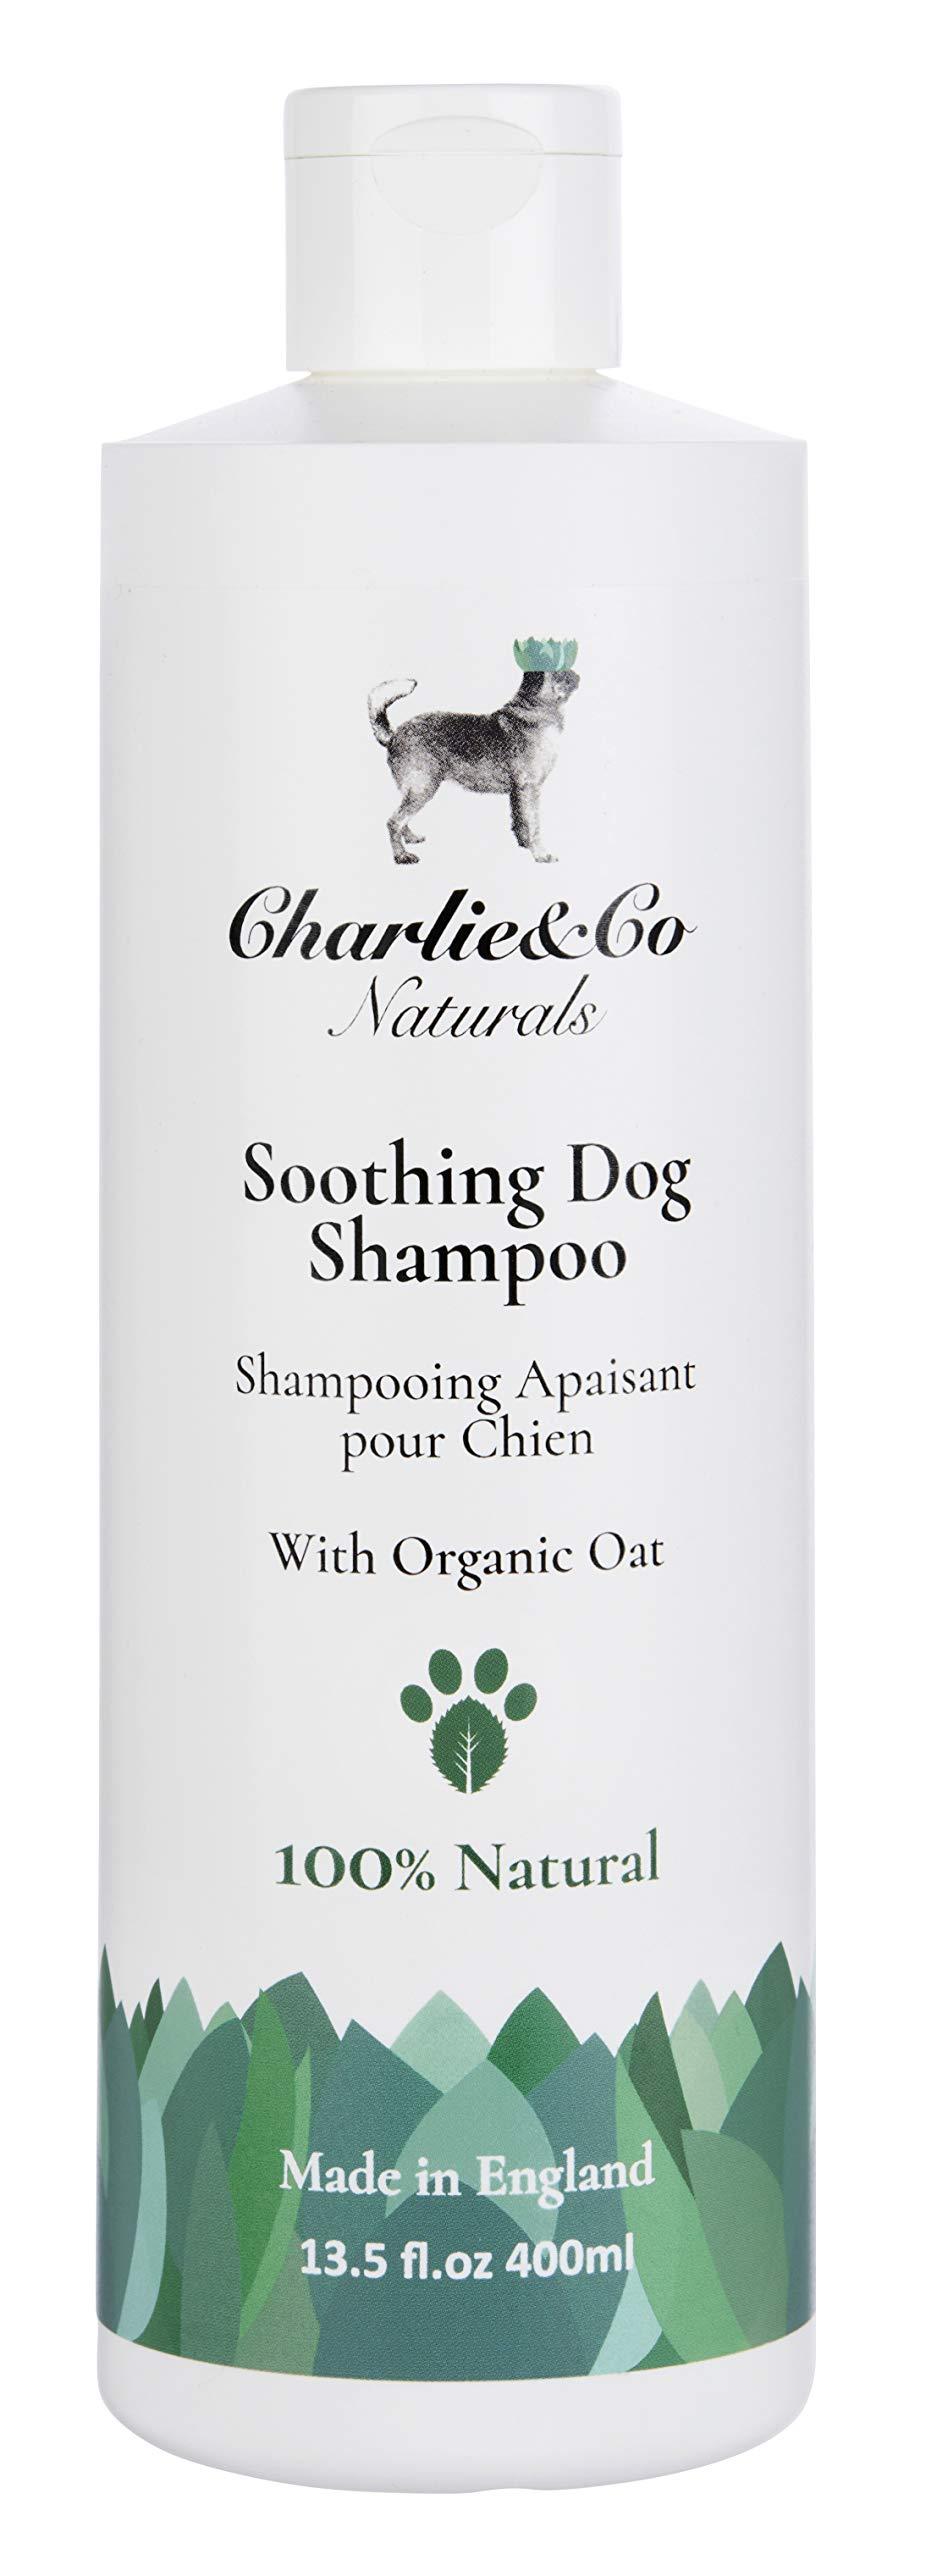 Charlie & Co Naturals 100% Natural Soothing Dog Shampoo